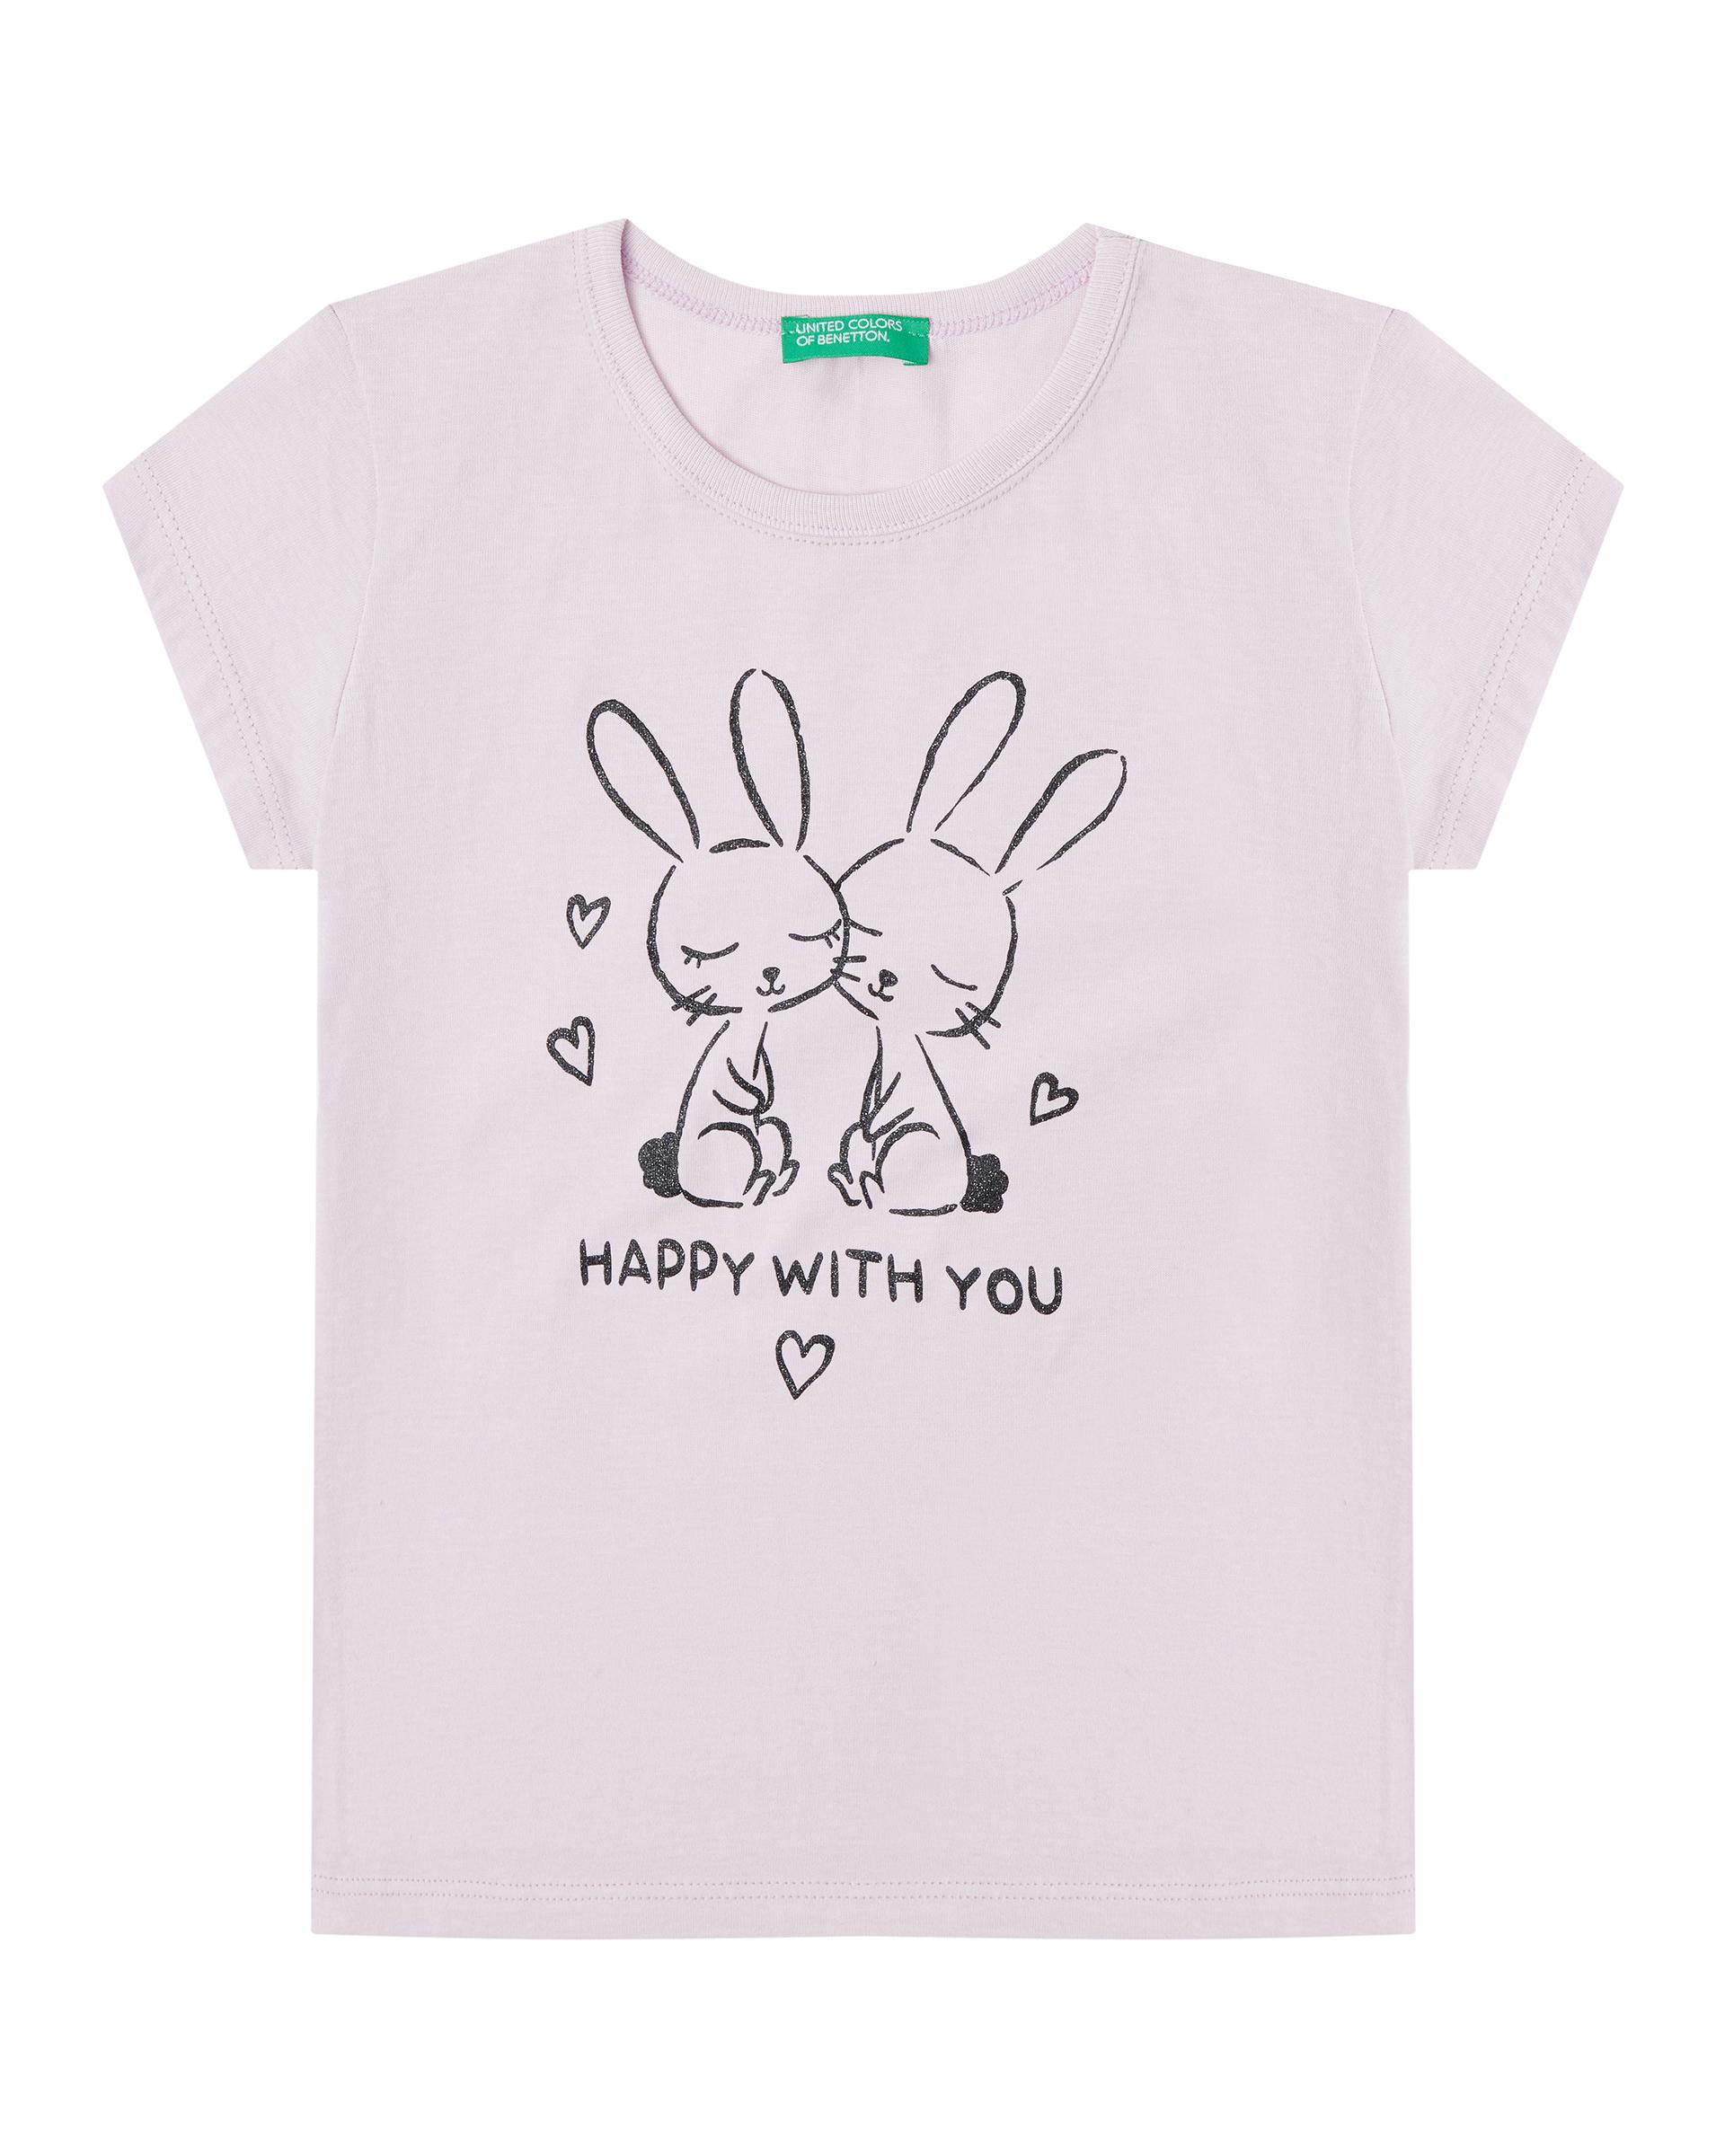 Купить 20P_3096C1AZP_07M, Футболка для девочек Benetton 3096C1AZP_07M р-р 92, United Colors of Benetton, Кофточки, футболки для новорожденных